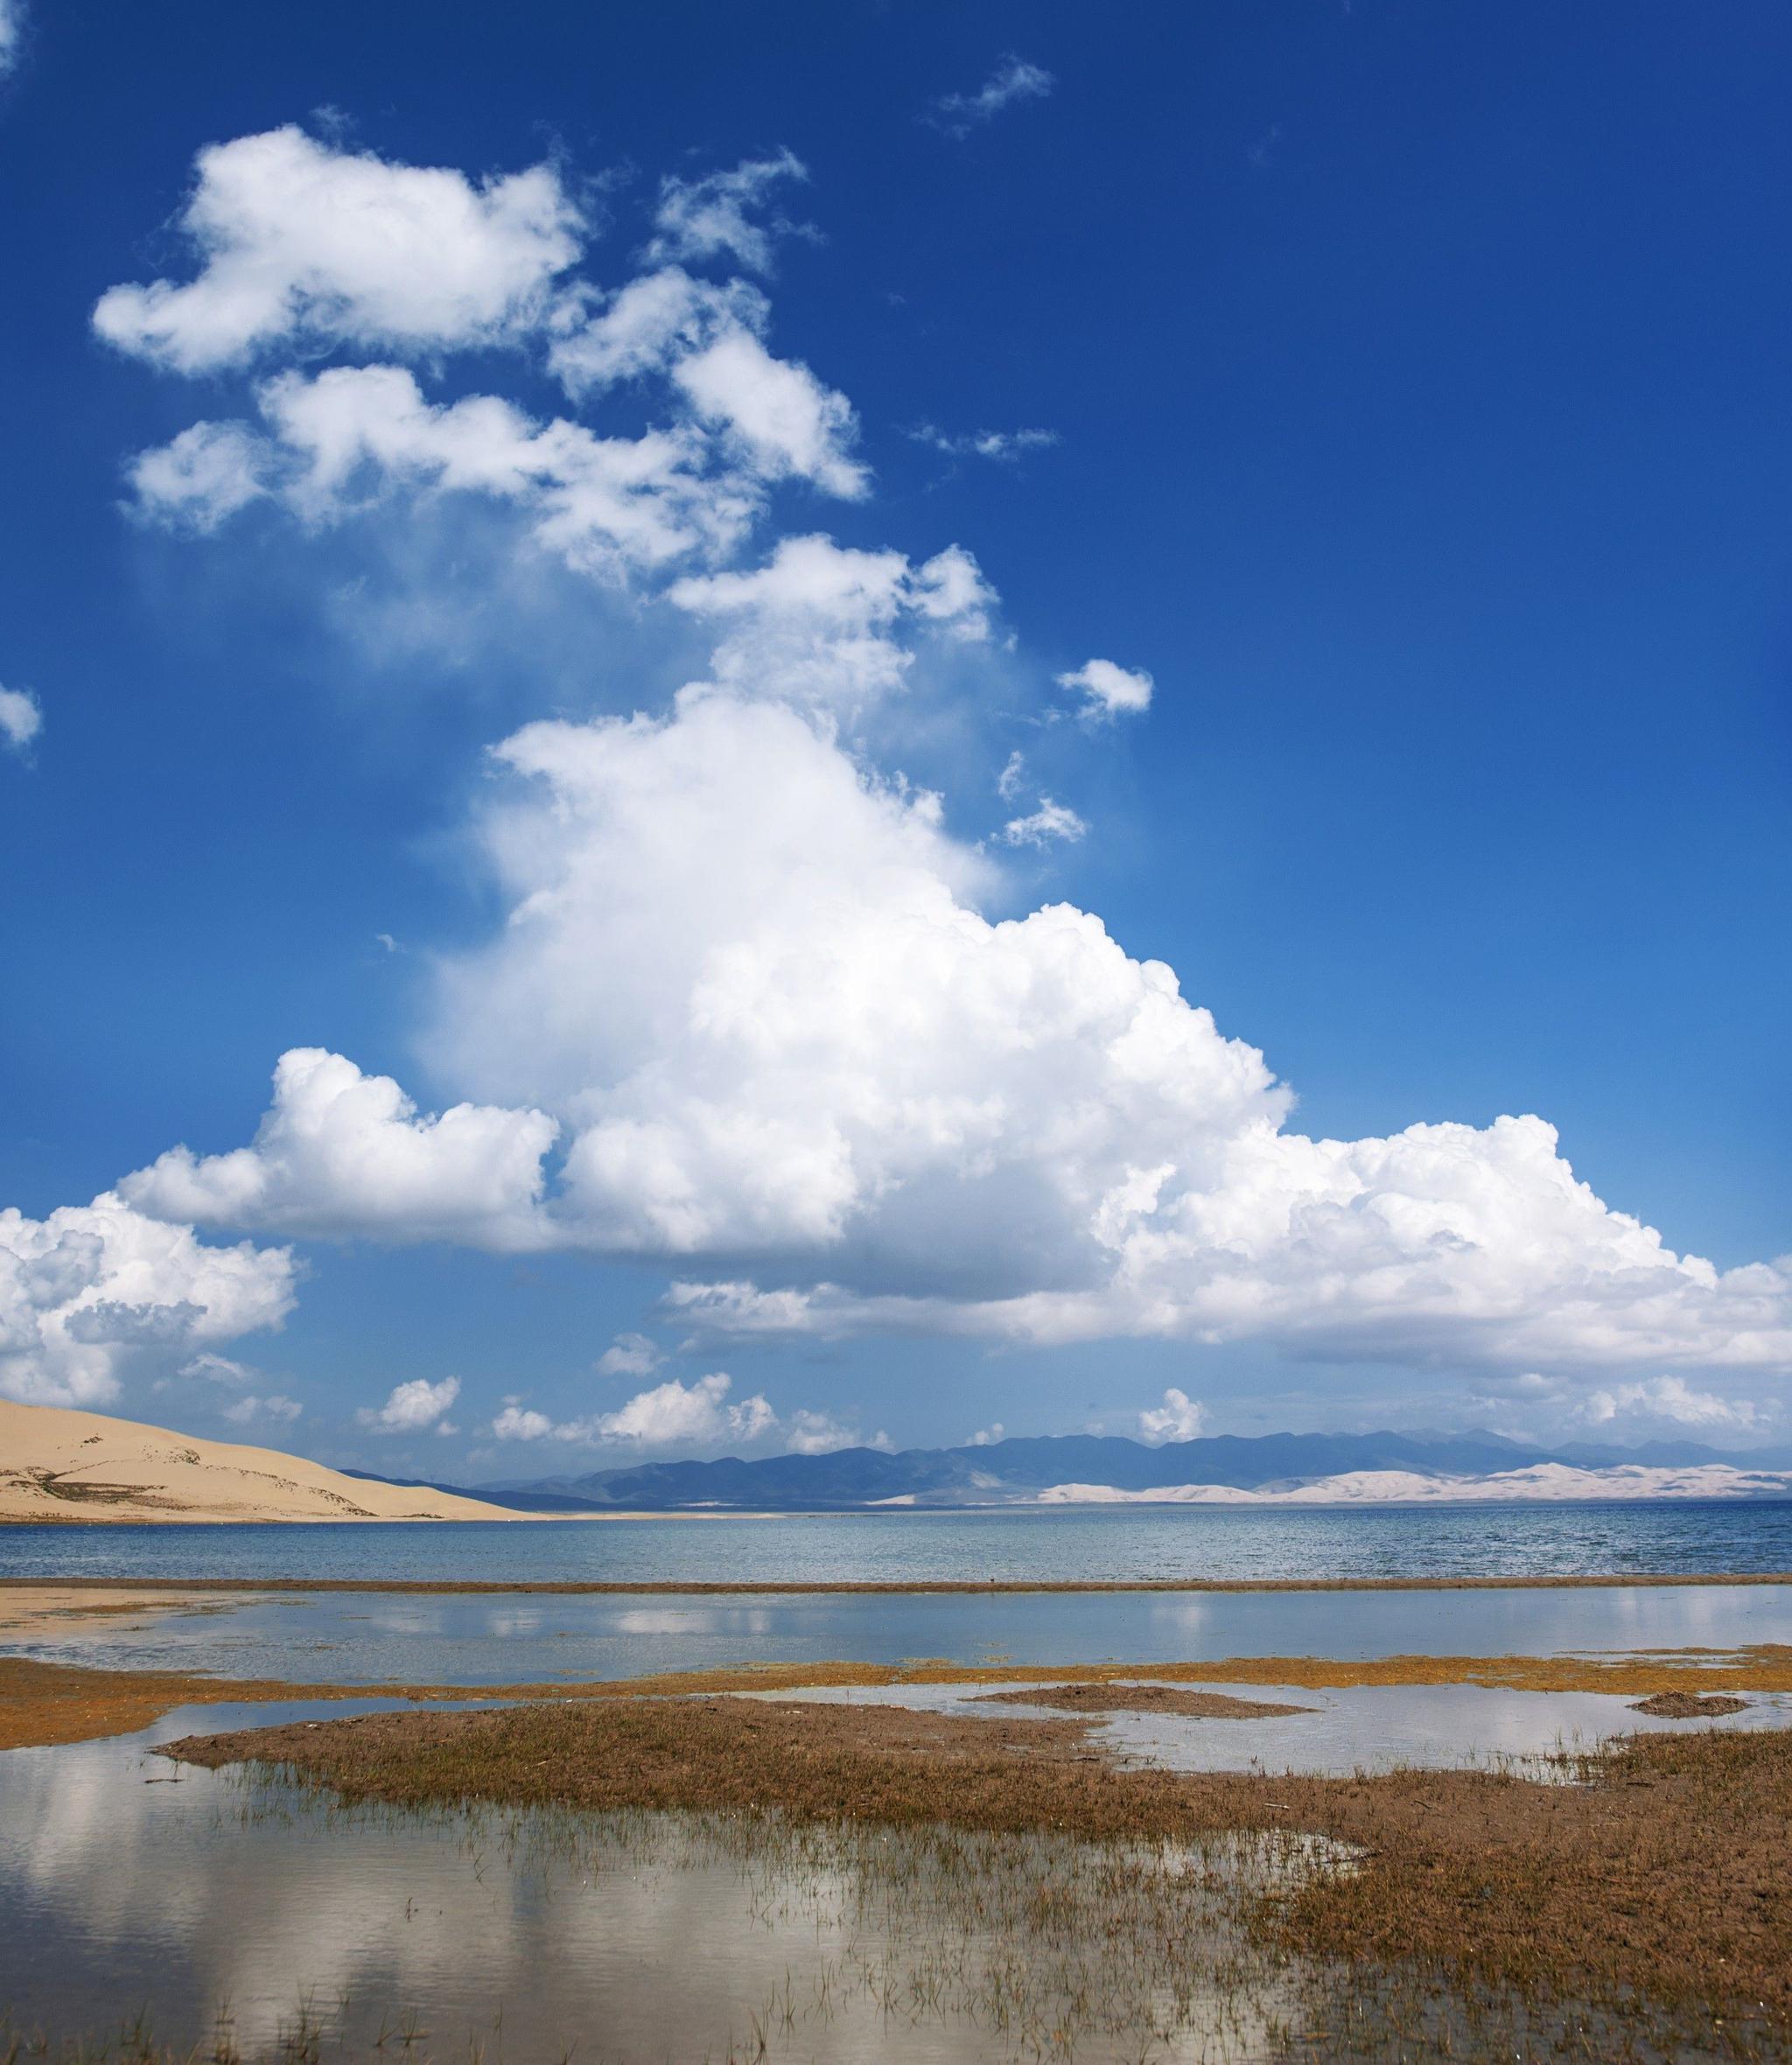 青海湖,中国最大最美丽的咸水湖